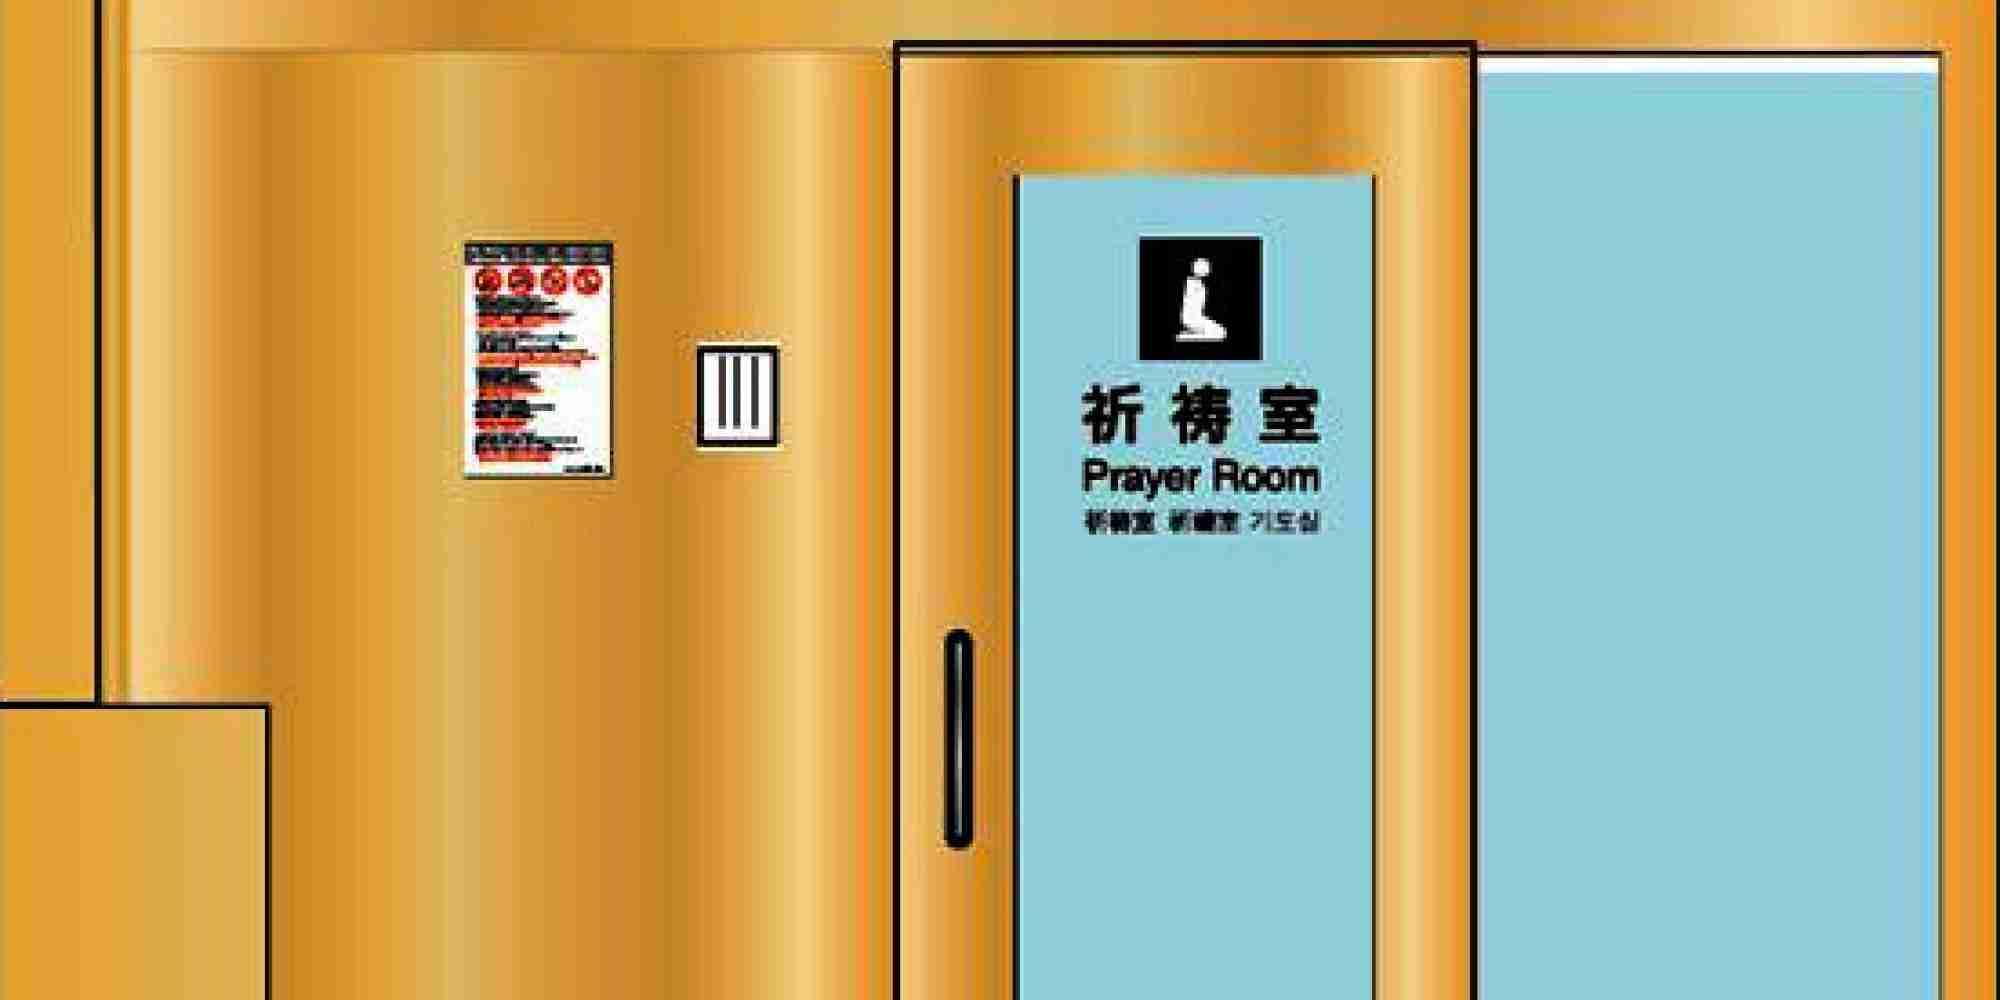 イスラム教徒らの礼拝、東京駅で可能に JR東日本で初の「祈祷室」